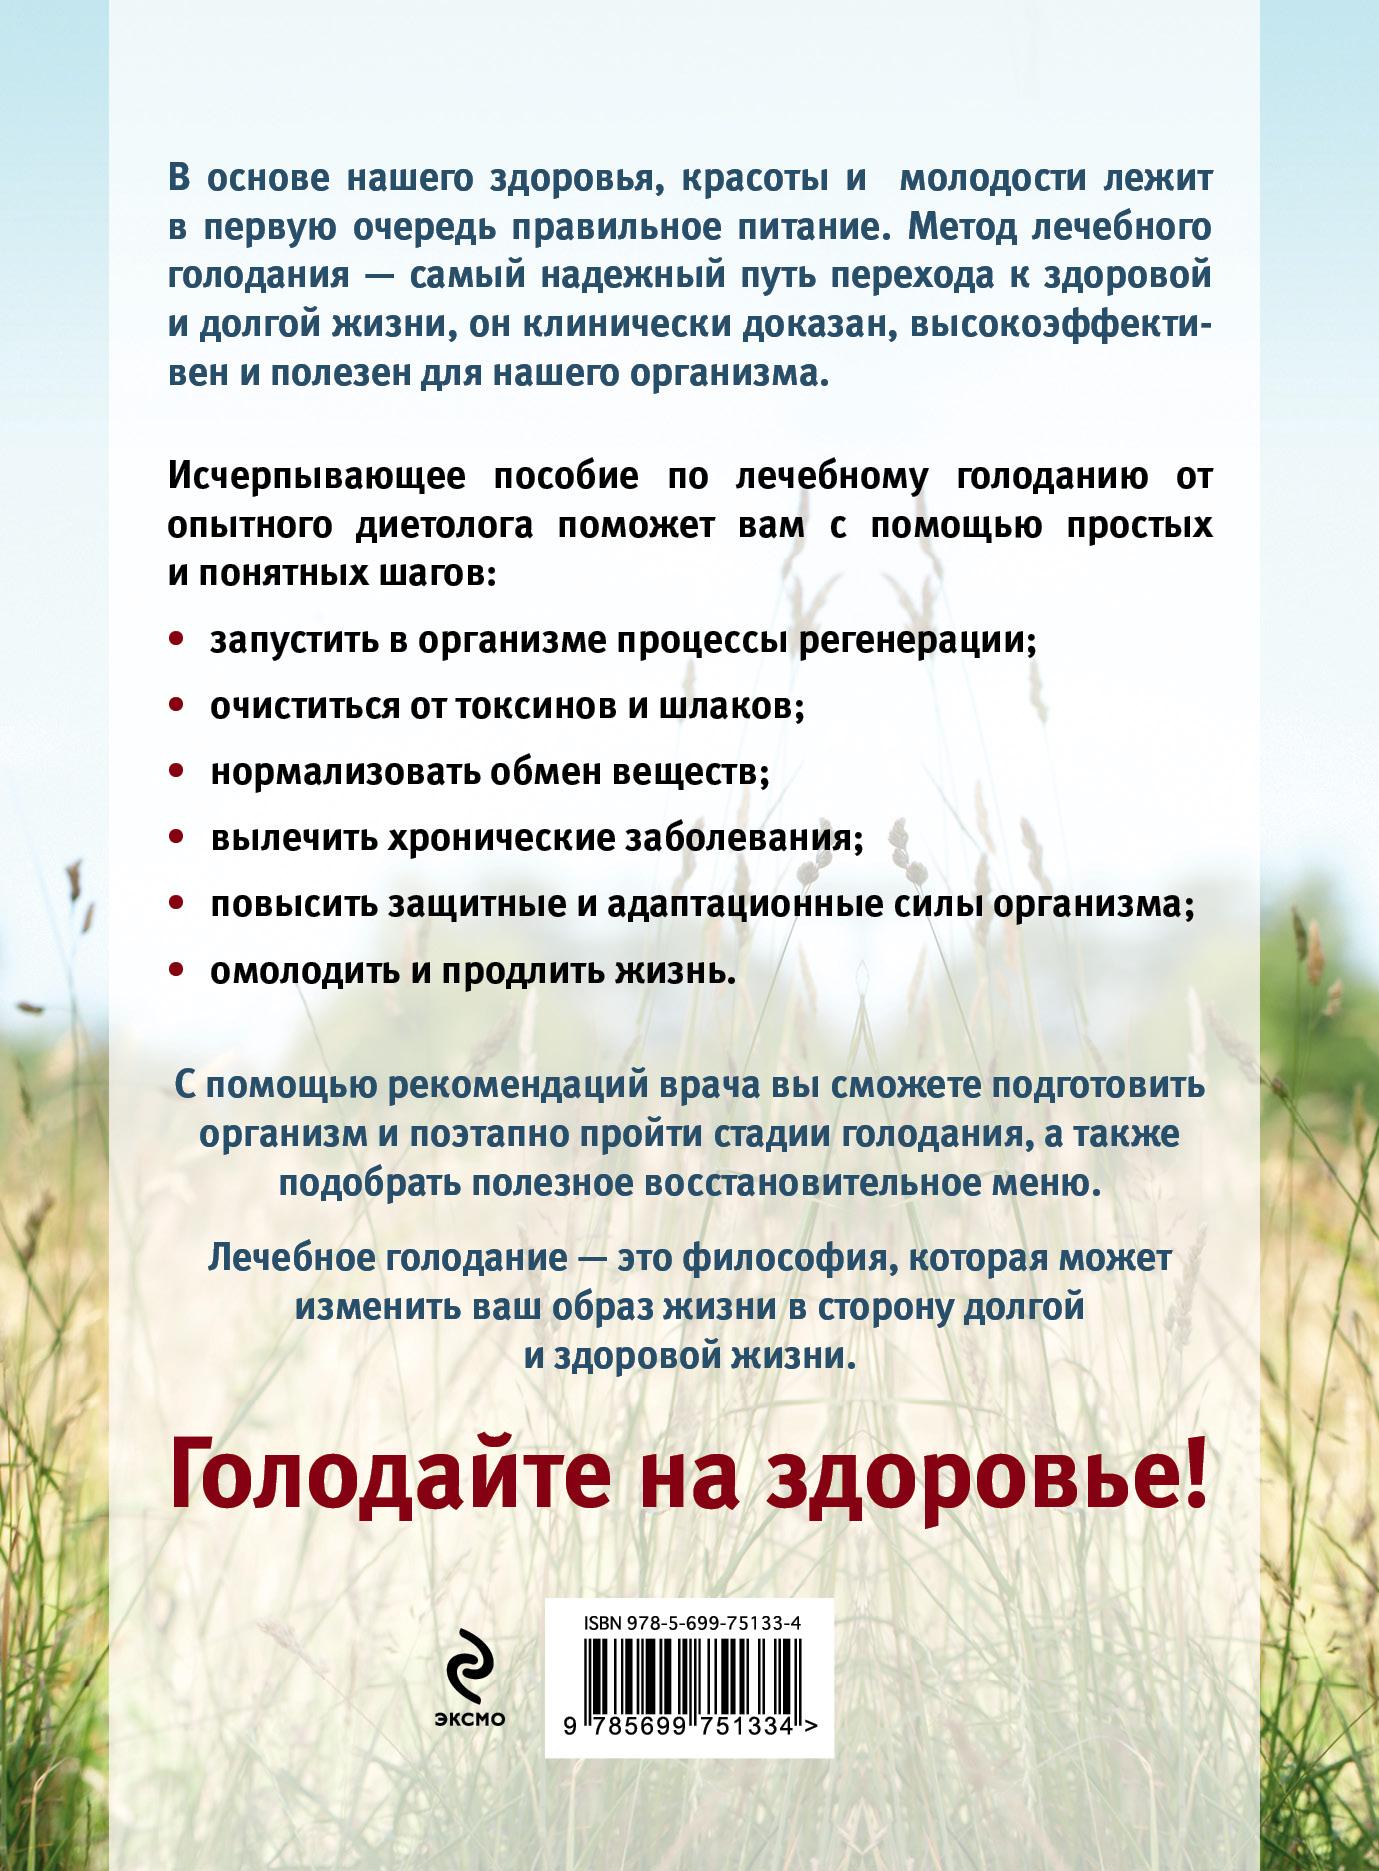 И. Бражко, Г. Калюжная. Правильное голодание от профессионального диетолога